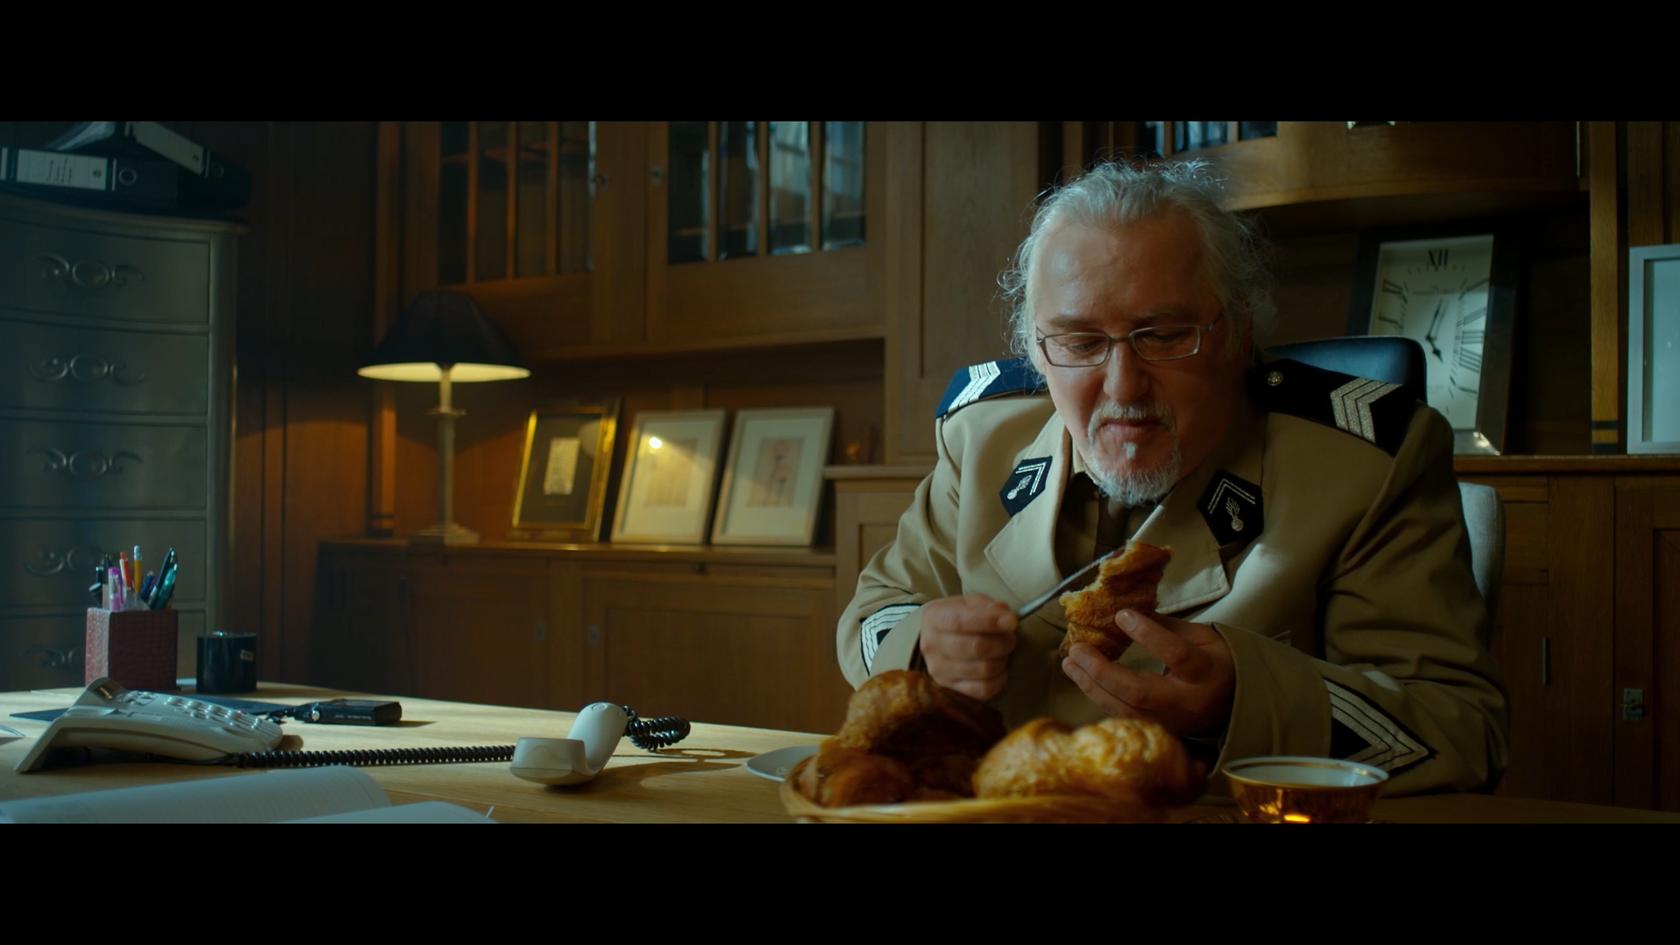 Ingo Frischeisen as Gendarm